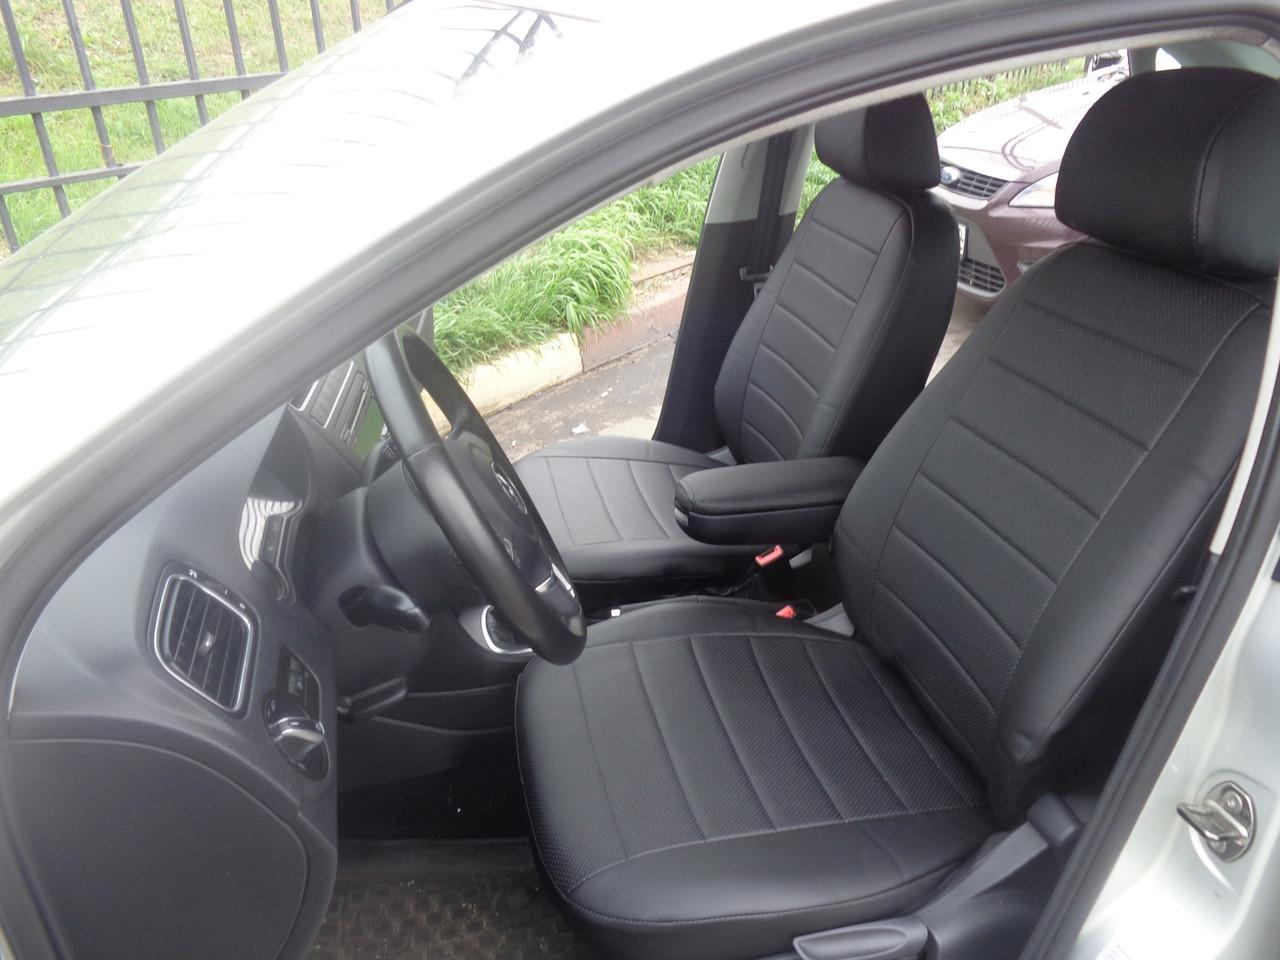 Авточехлы модельные чехлы Эко-кожа Комбинированные Volkswagen Polo 4  Фольксваген Поло 4 Оригинал